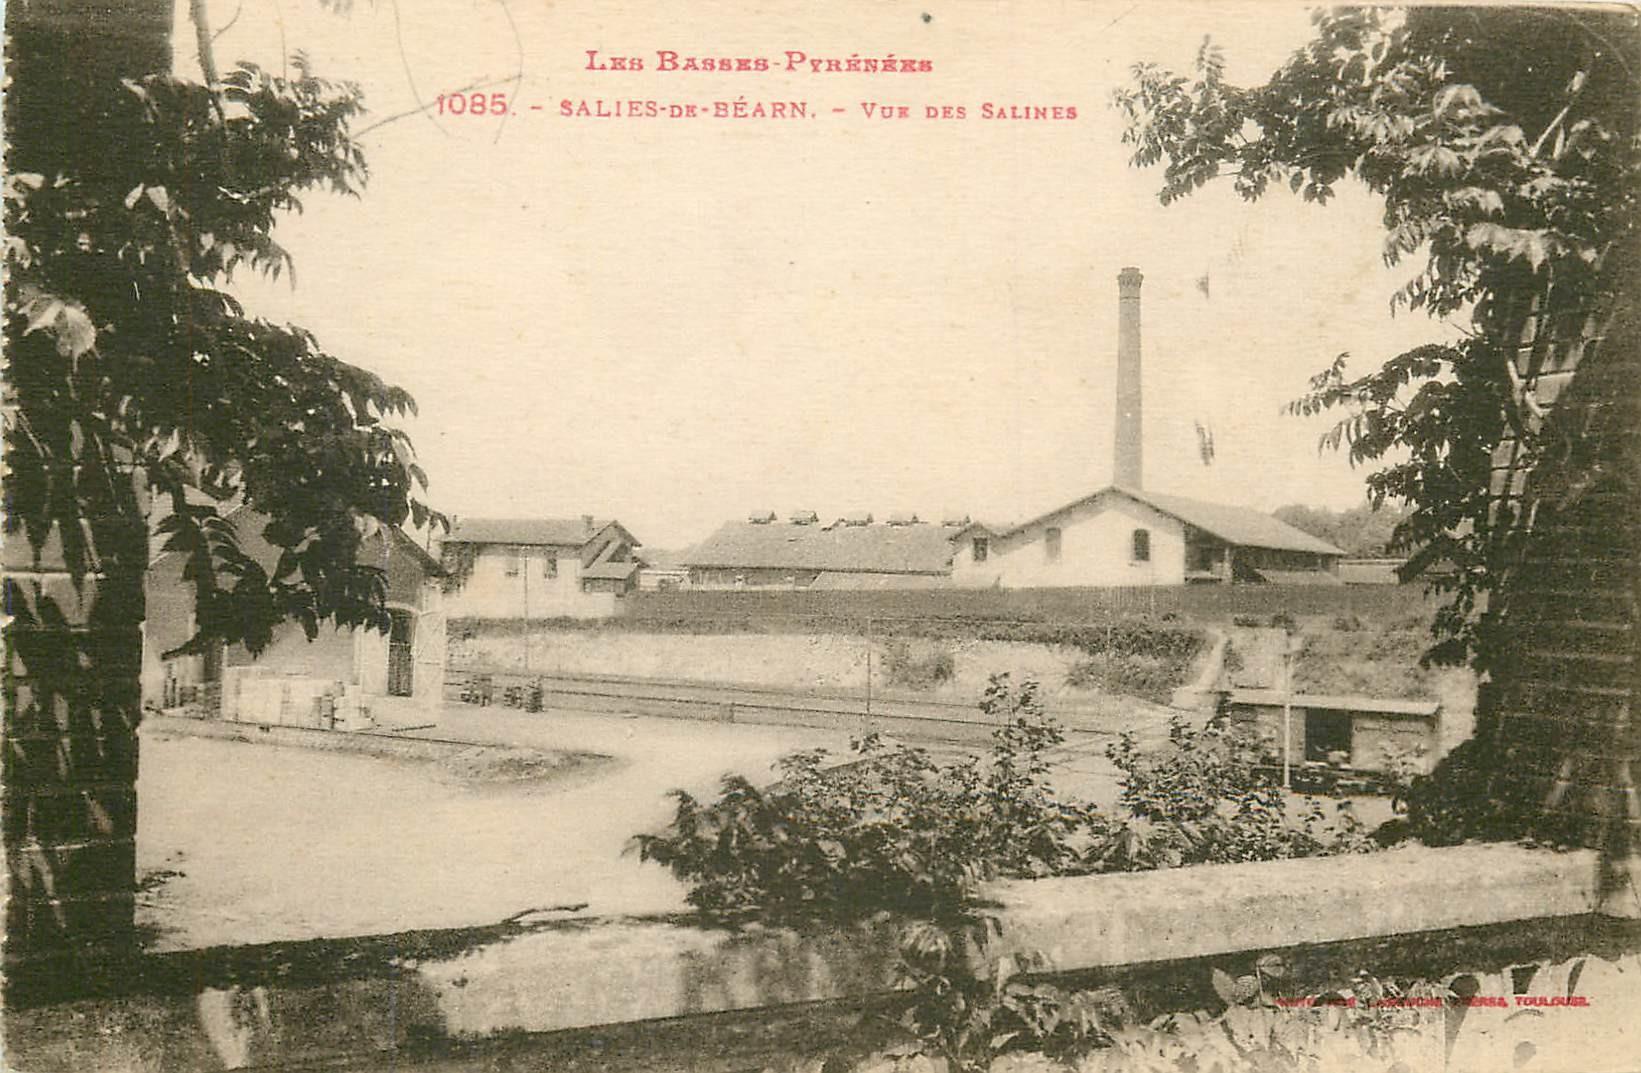 64 SALIES-DE-BEARN. Vue des usines Salines